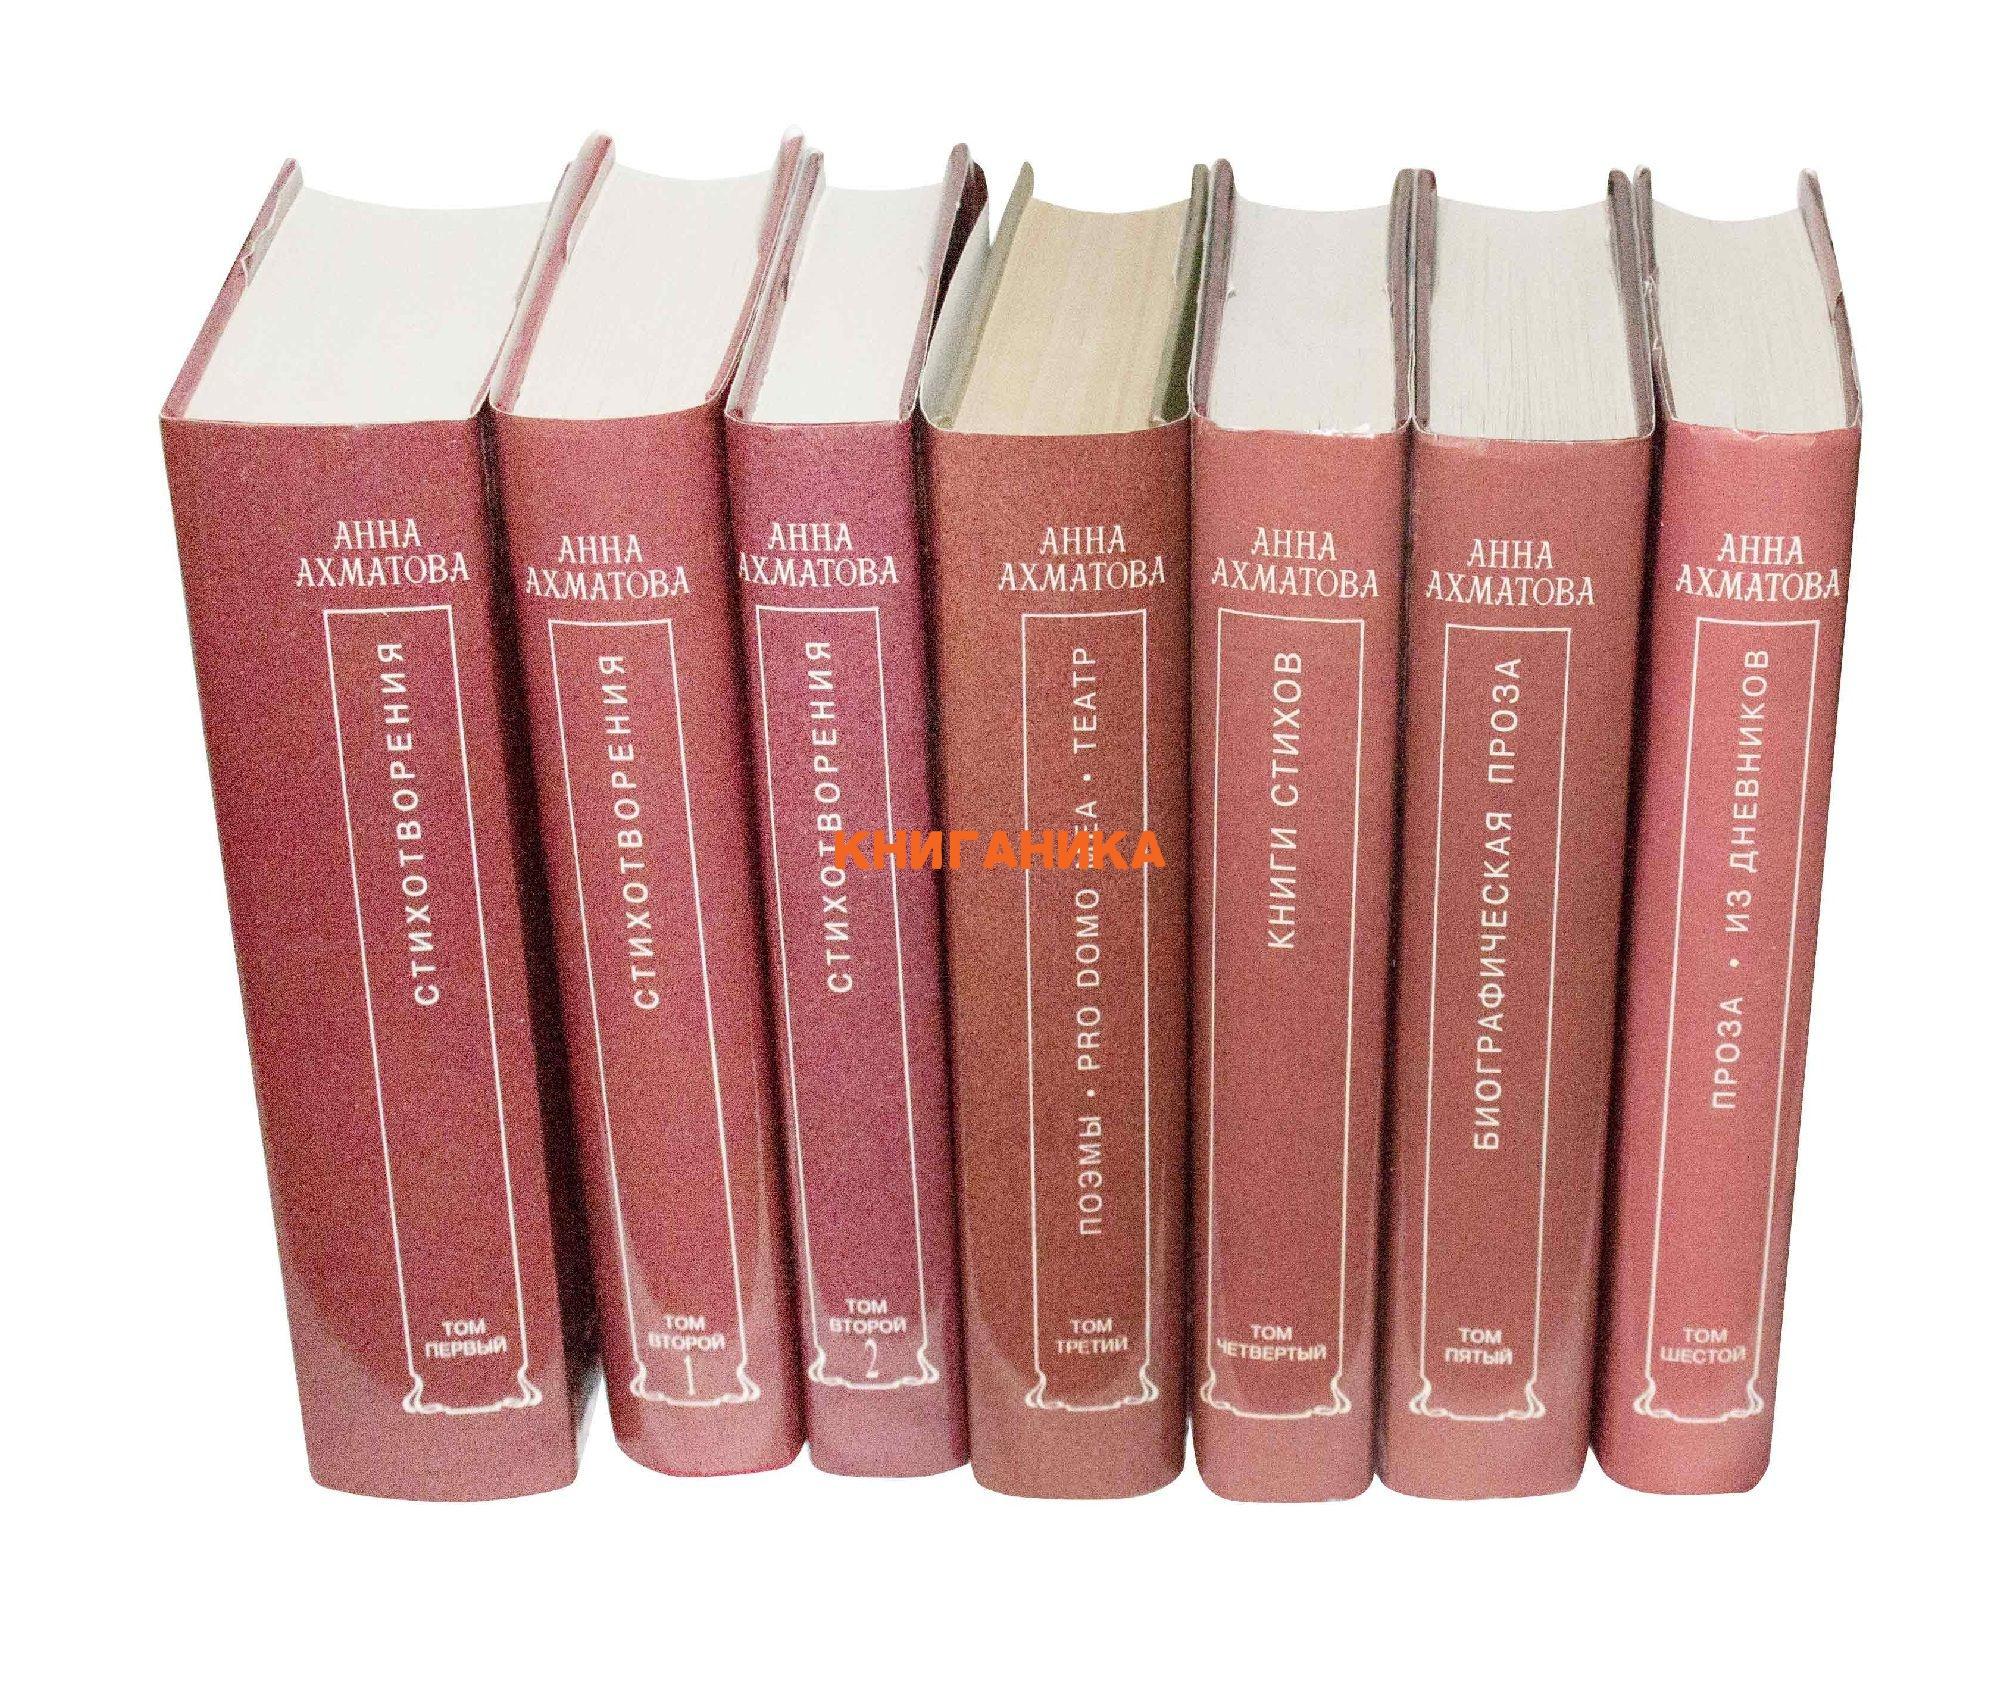 Ахматова. Собрание сочинений в 8 томах купить